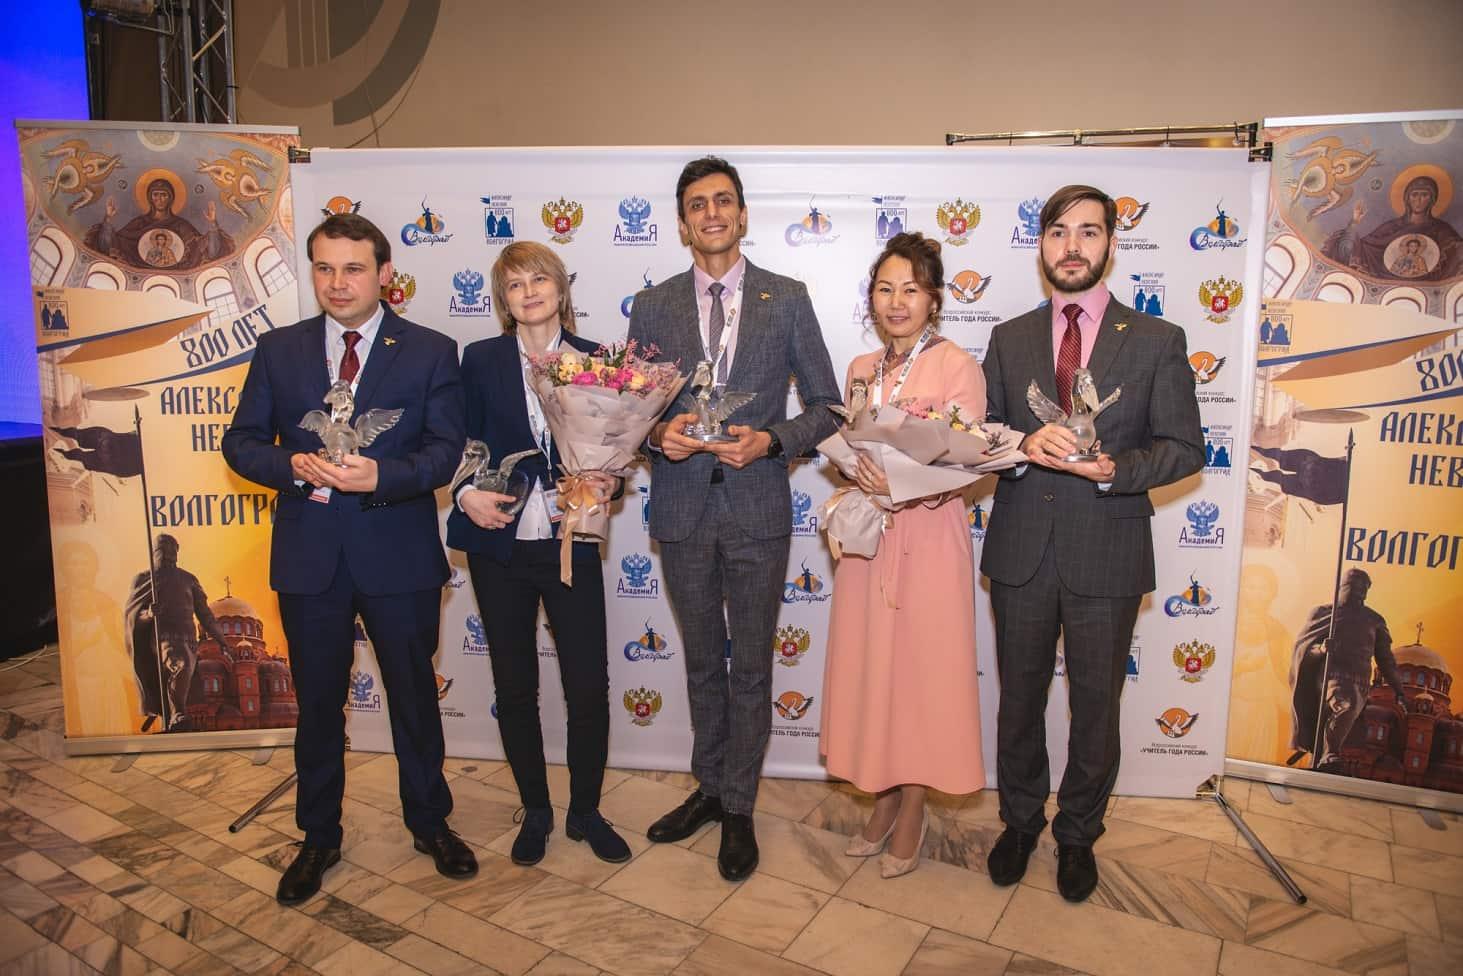 opredeleny-pyat-prizerov-konkursa-uchitel-goda-2020